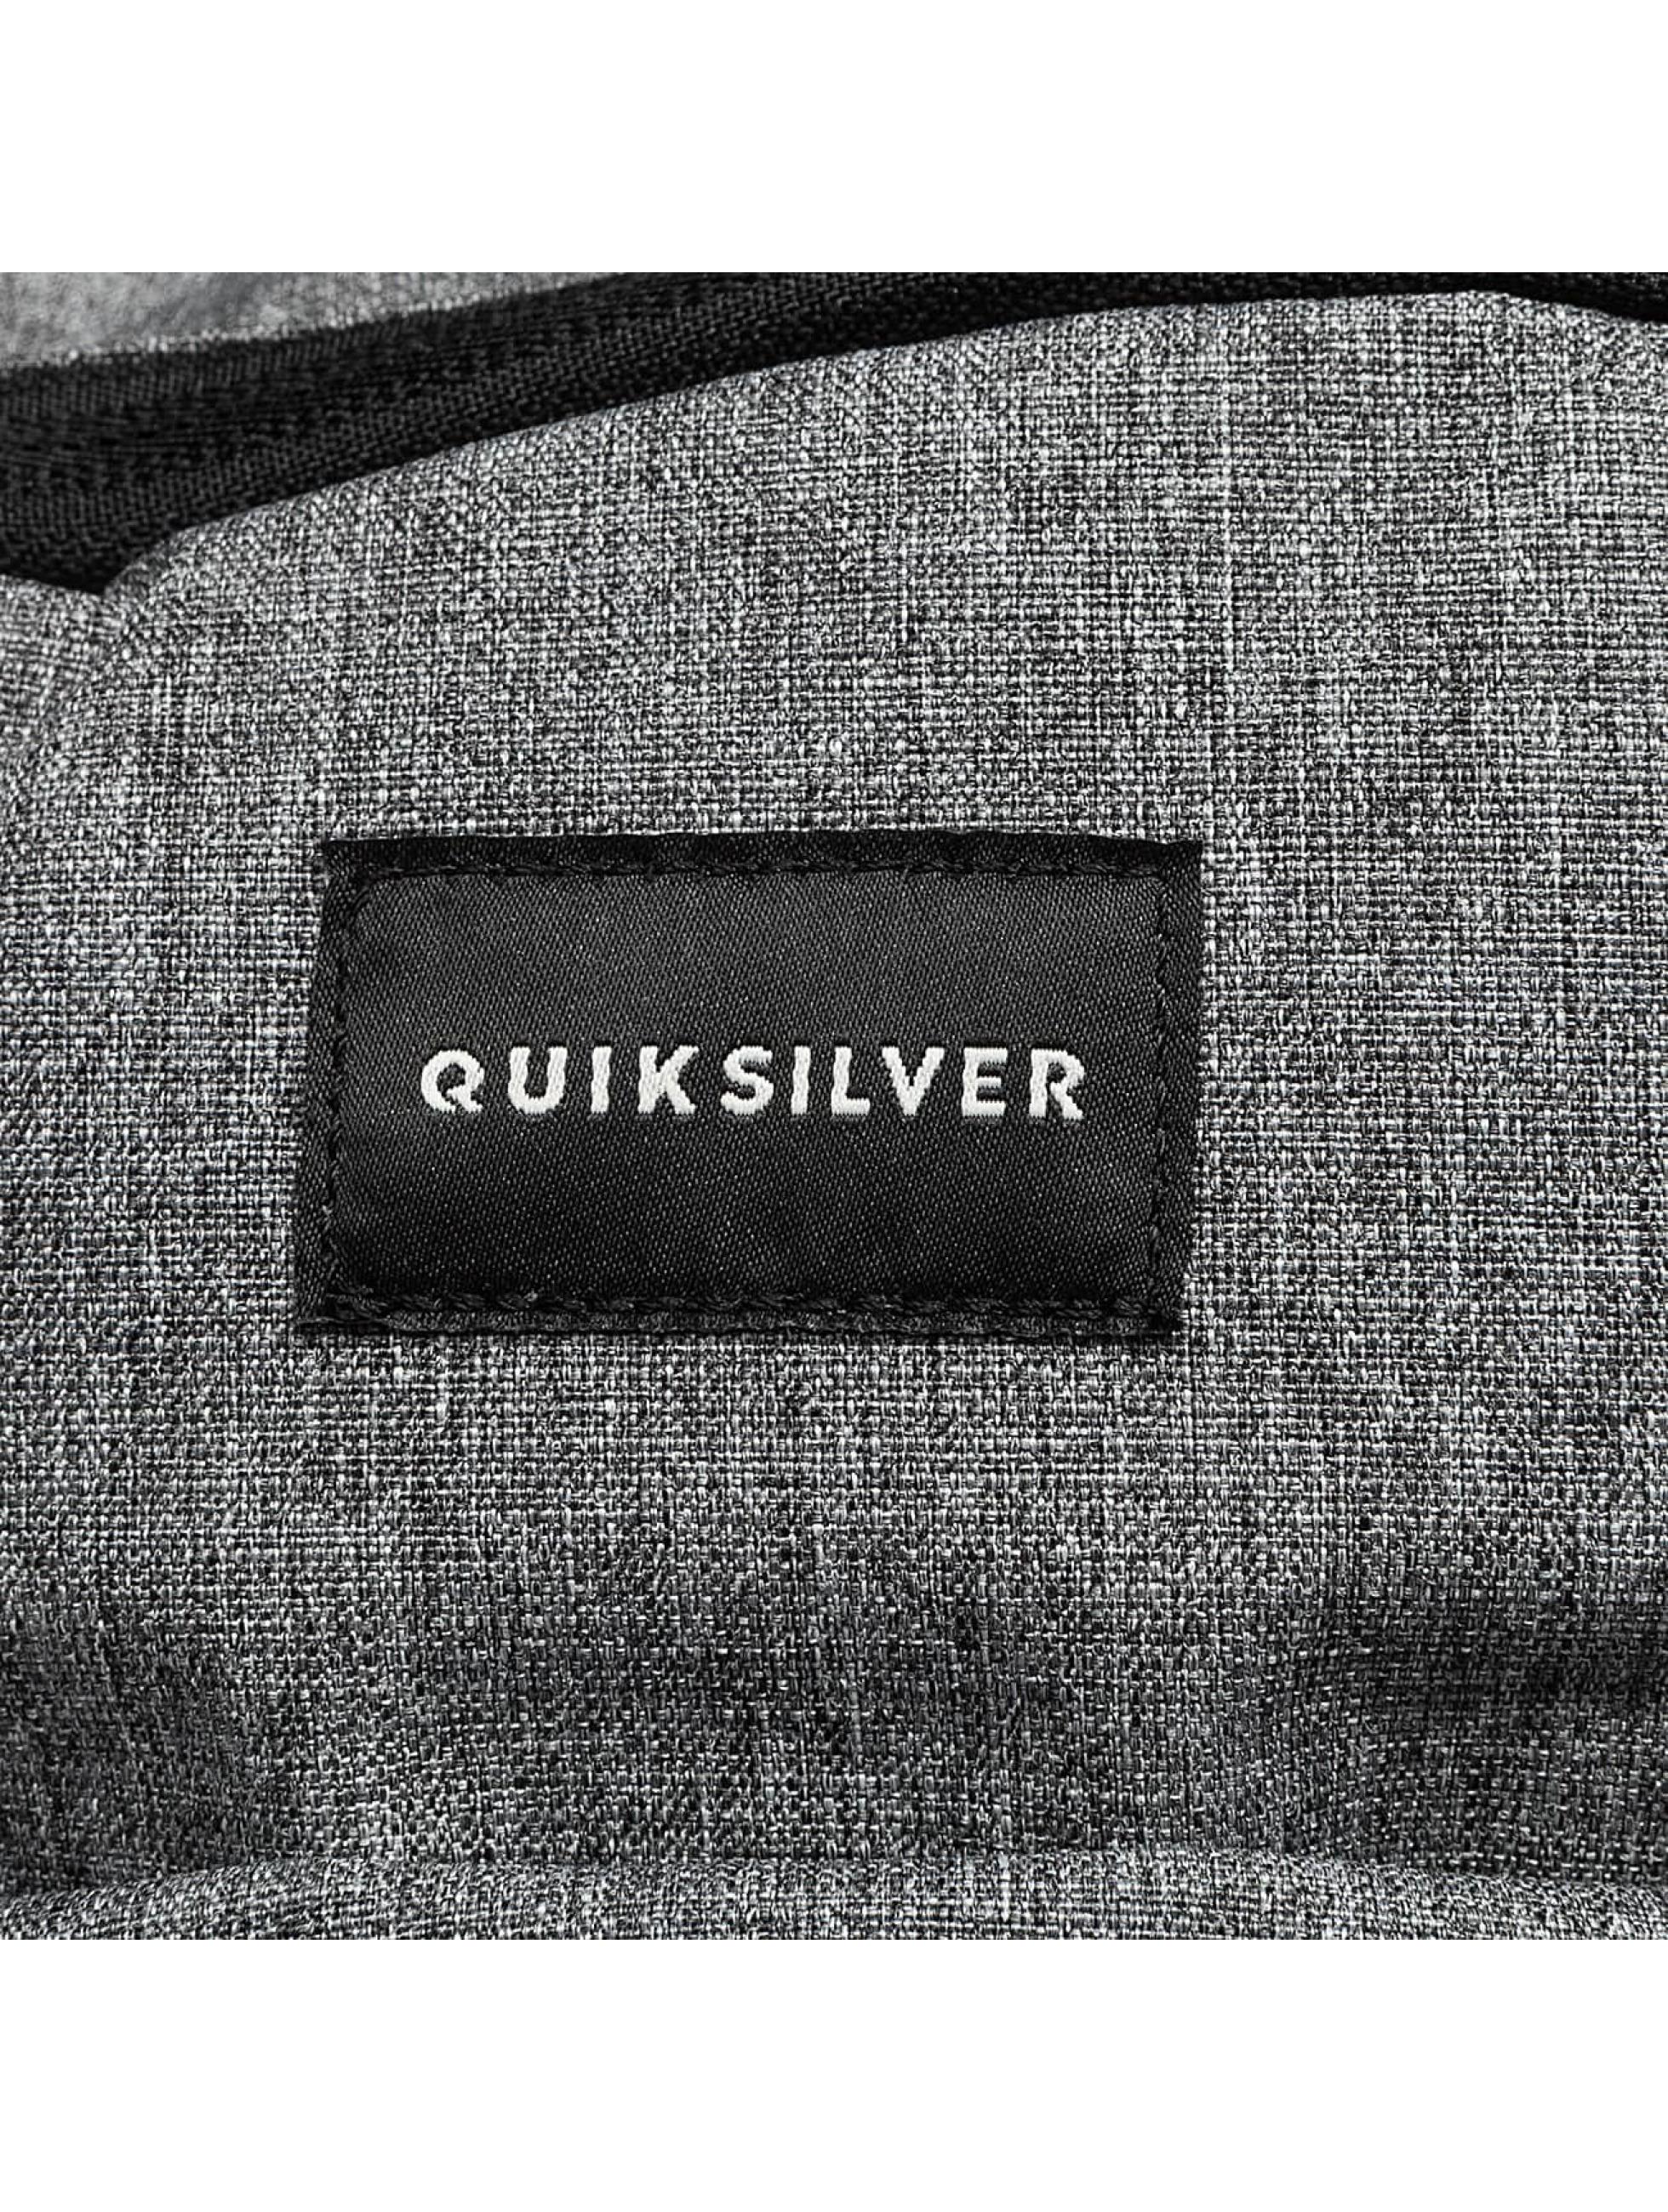 Quiksilver Reput Burst harmaa